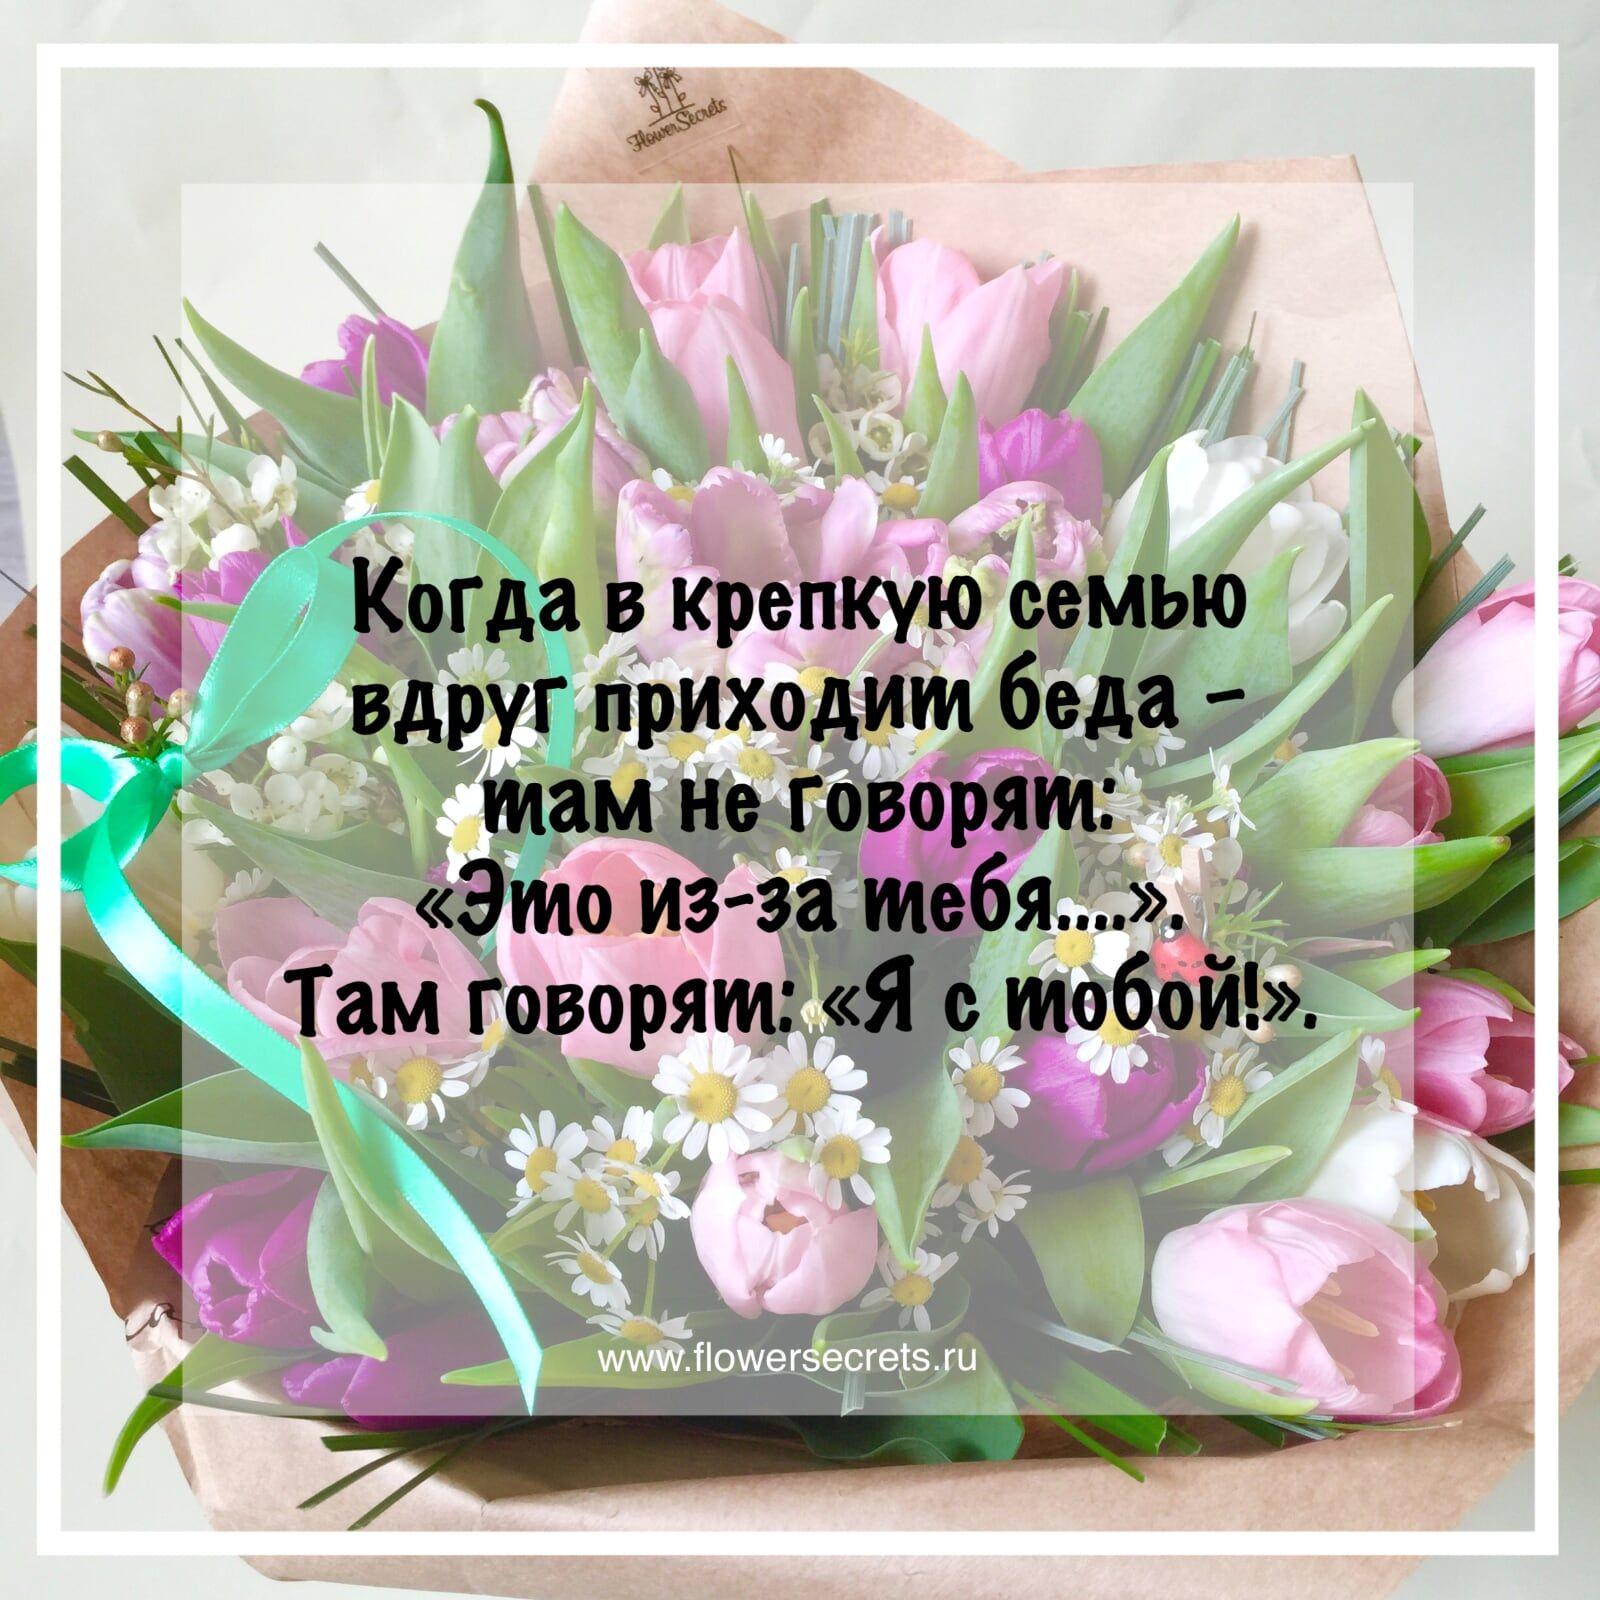 Про цветок цитата